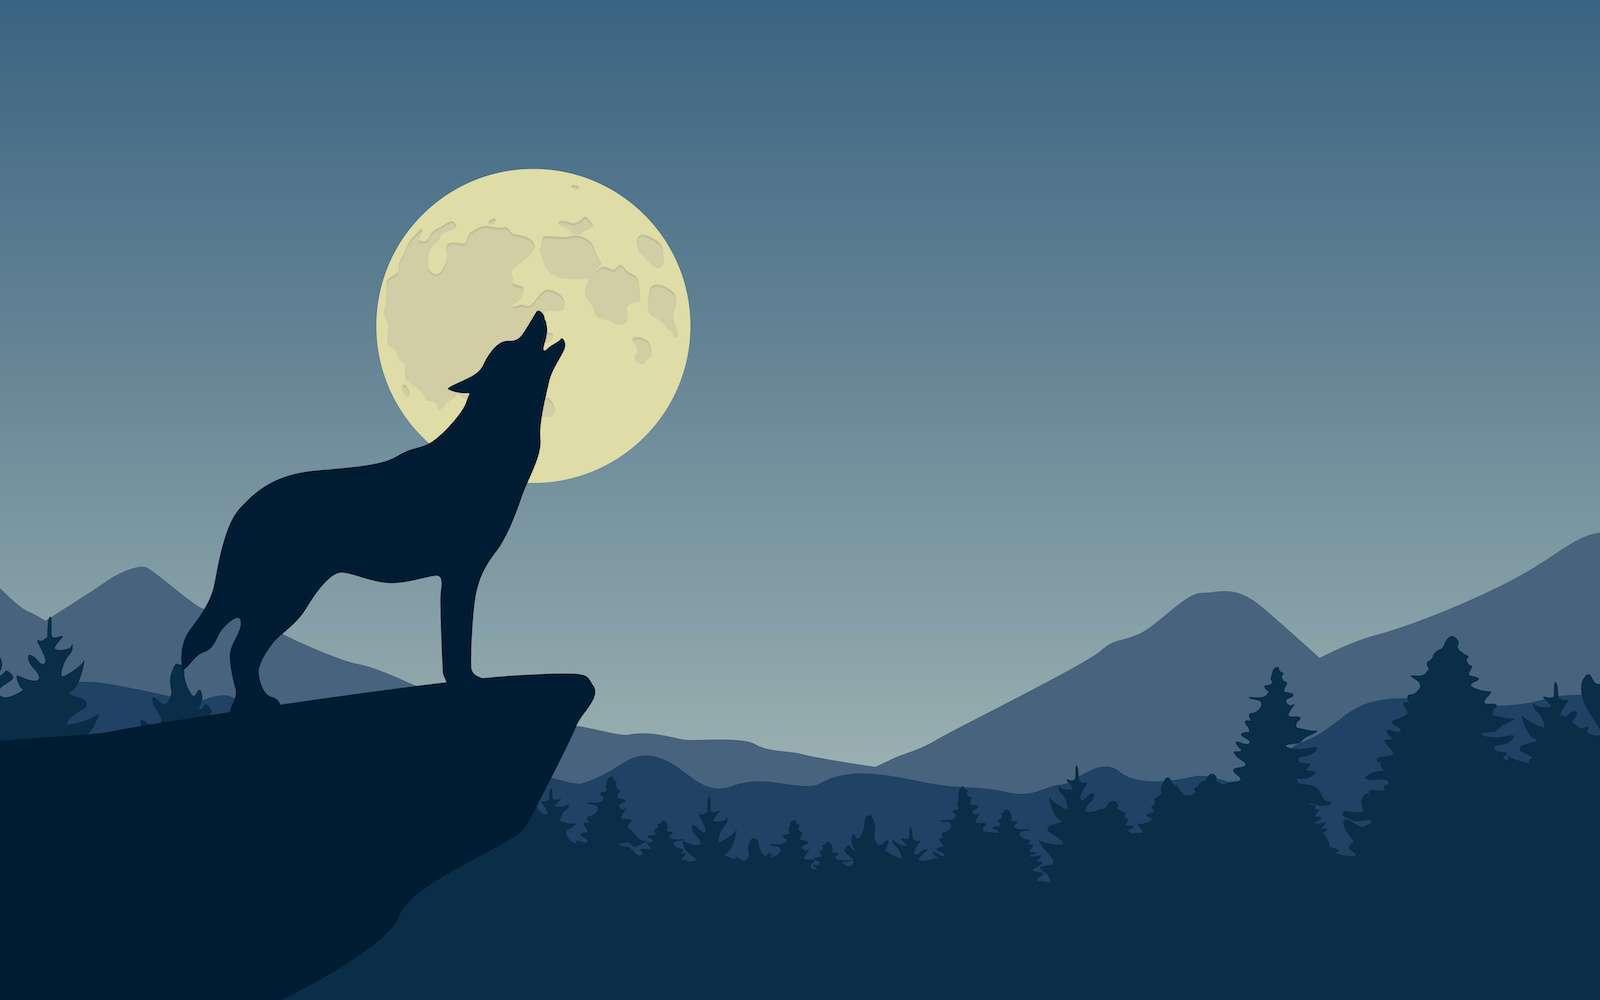 Le son des sirènes d'alerte est étrangement similaire au hurlement du loup. © krissikunterbunt, Adobe Stock